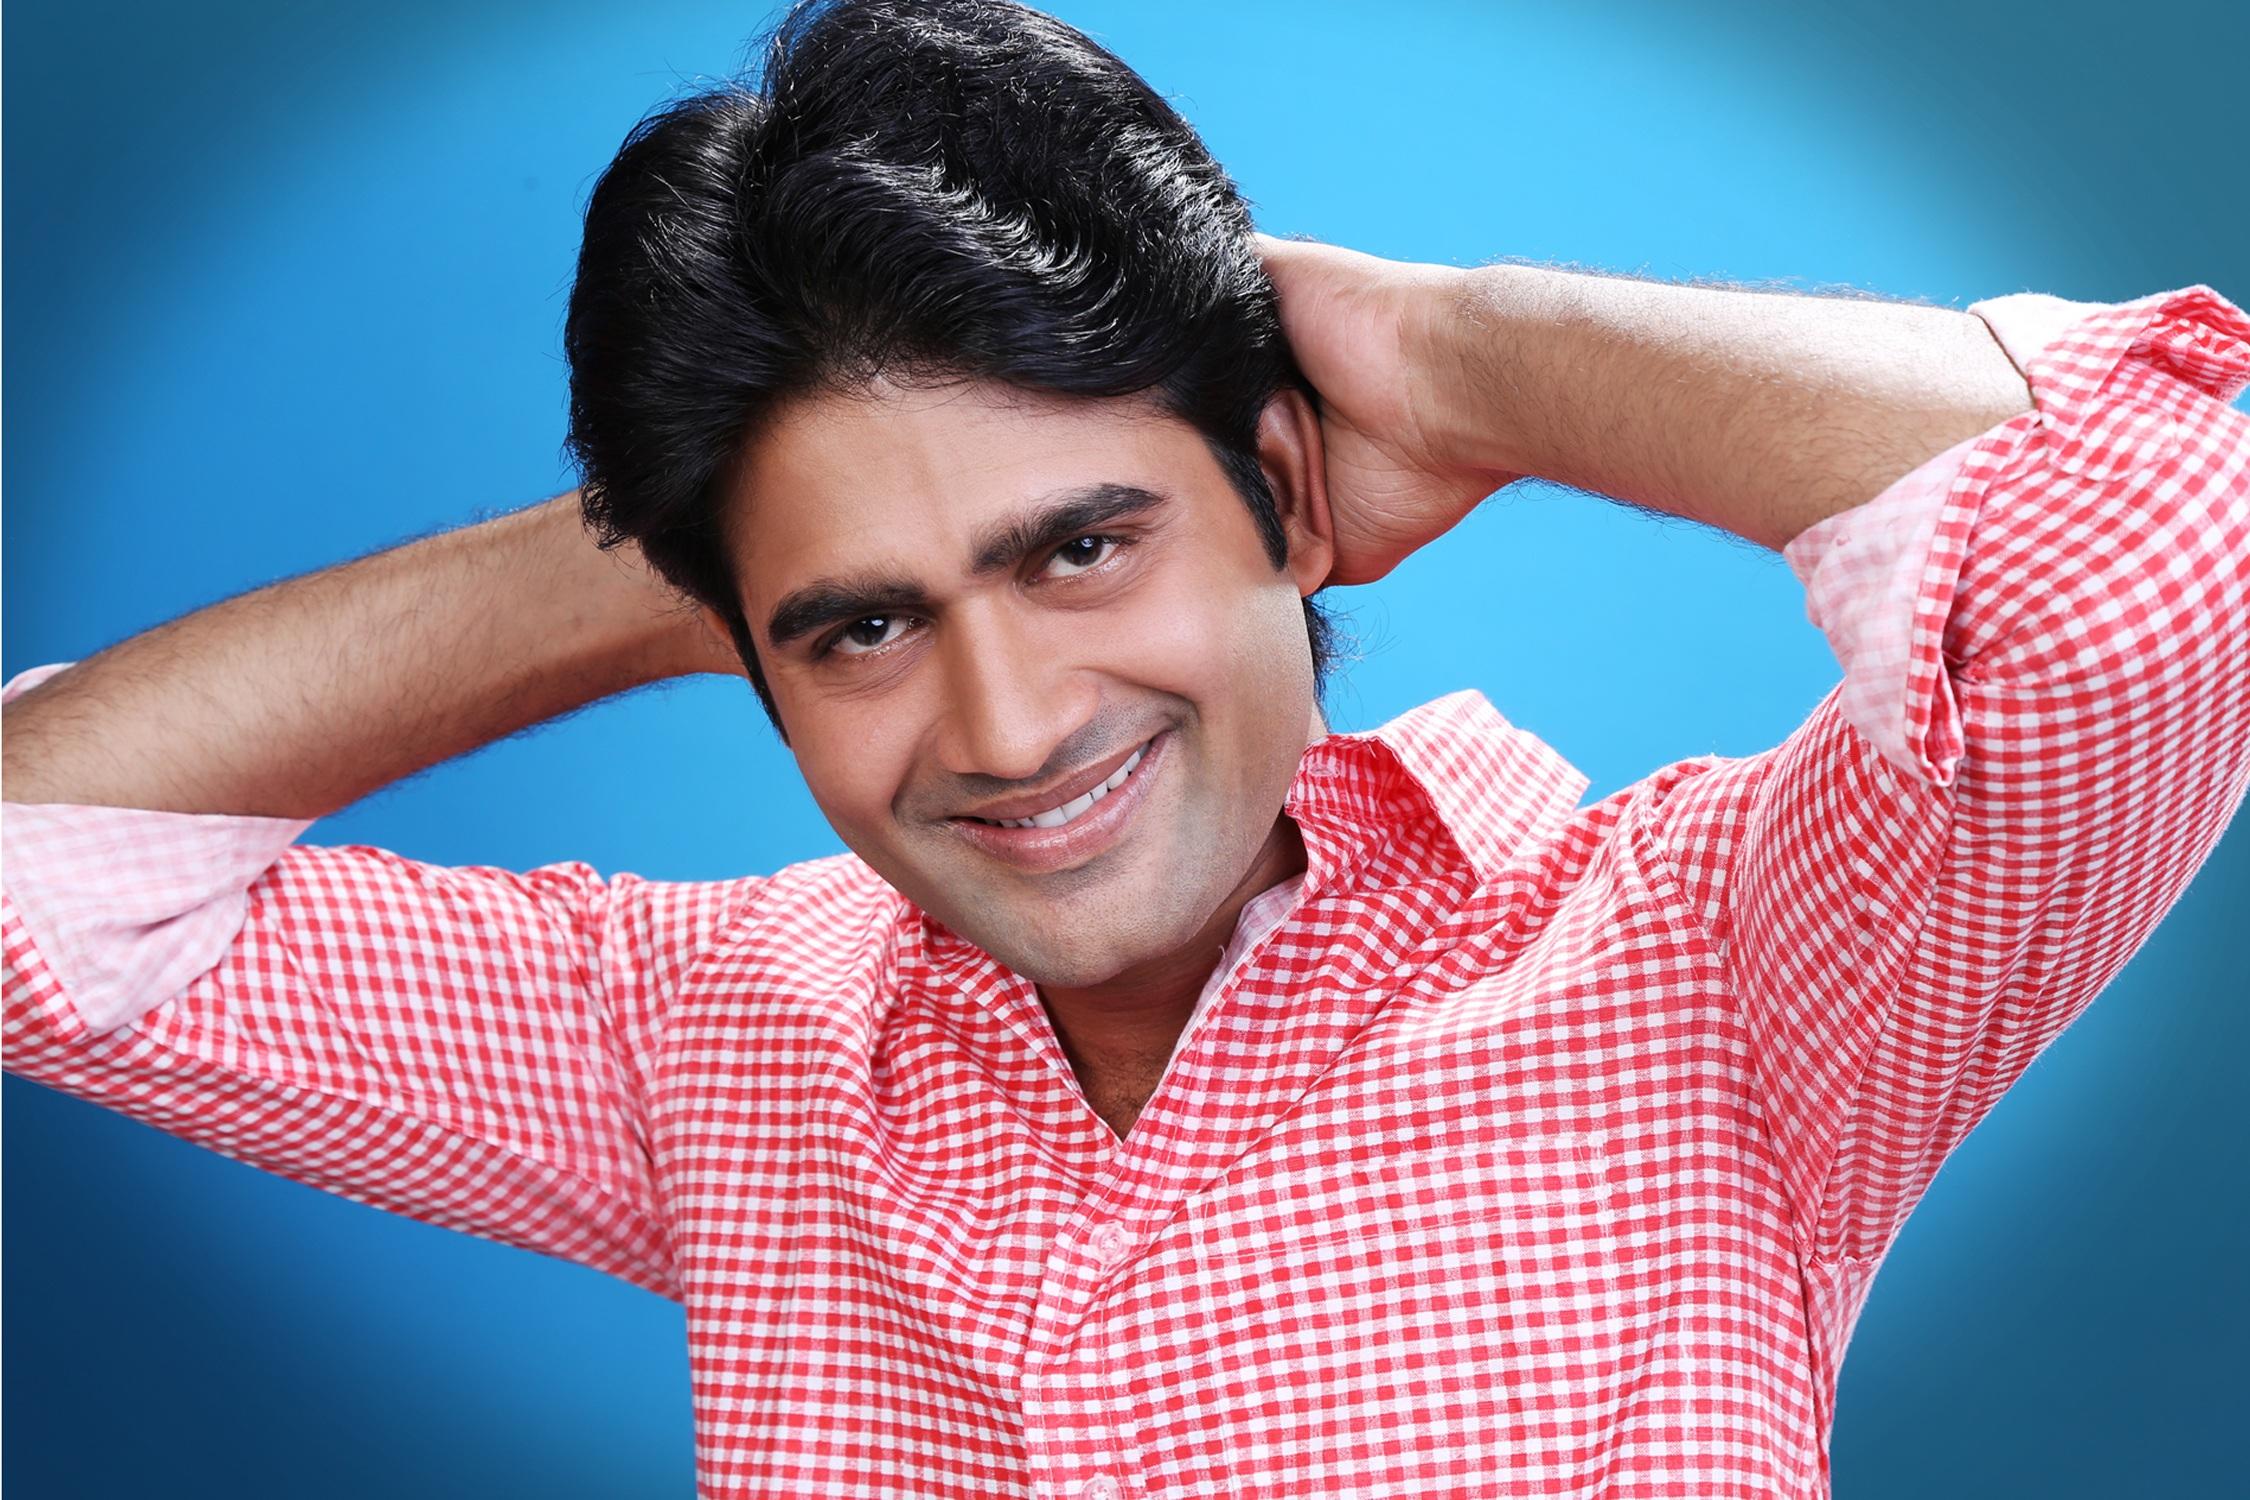 Порно британский фото индийских актеров три